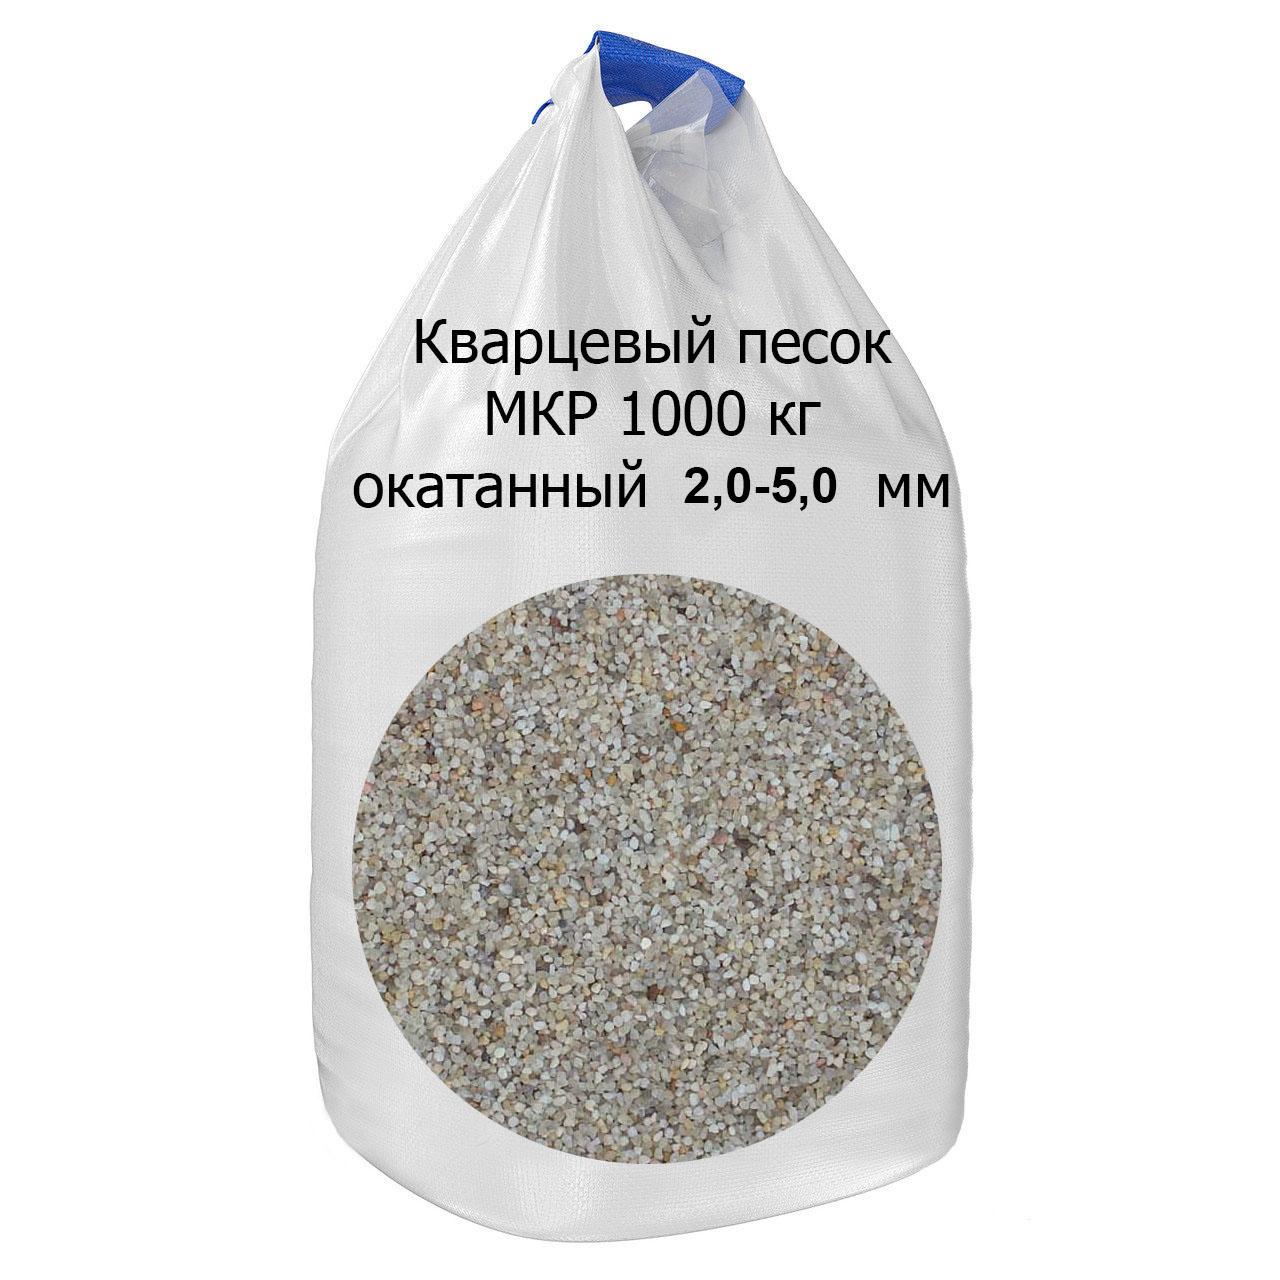 Песок кварцевый 2,0-5,0 мм в МКР (биг-бэг) 1000 кг